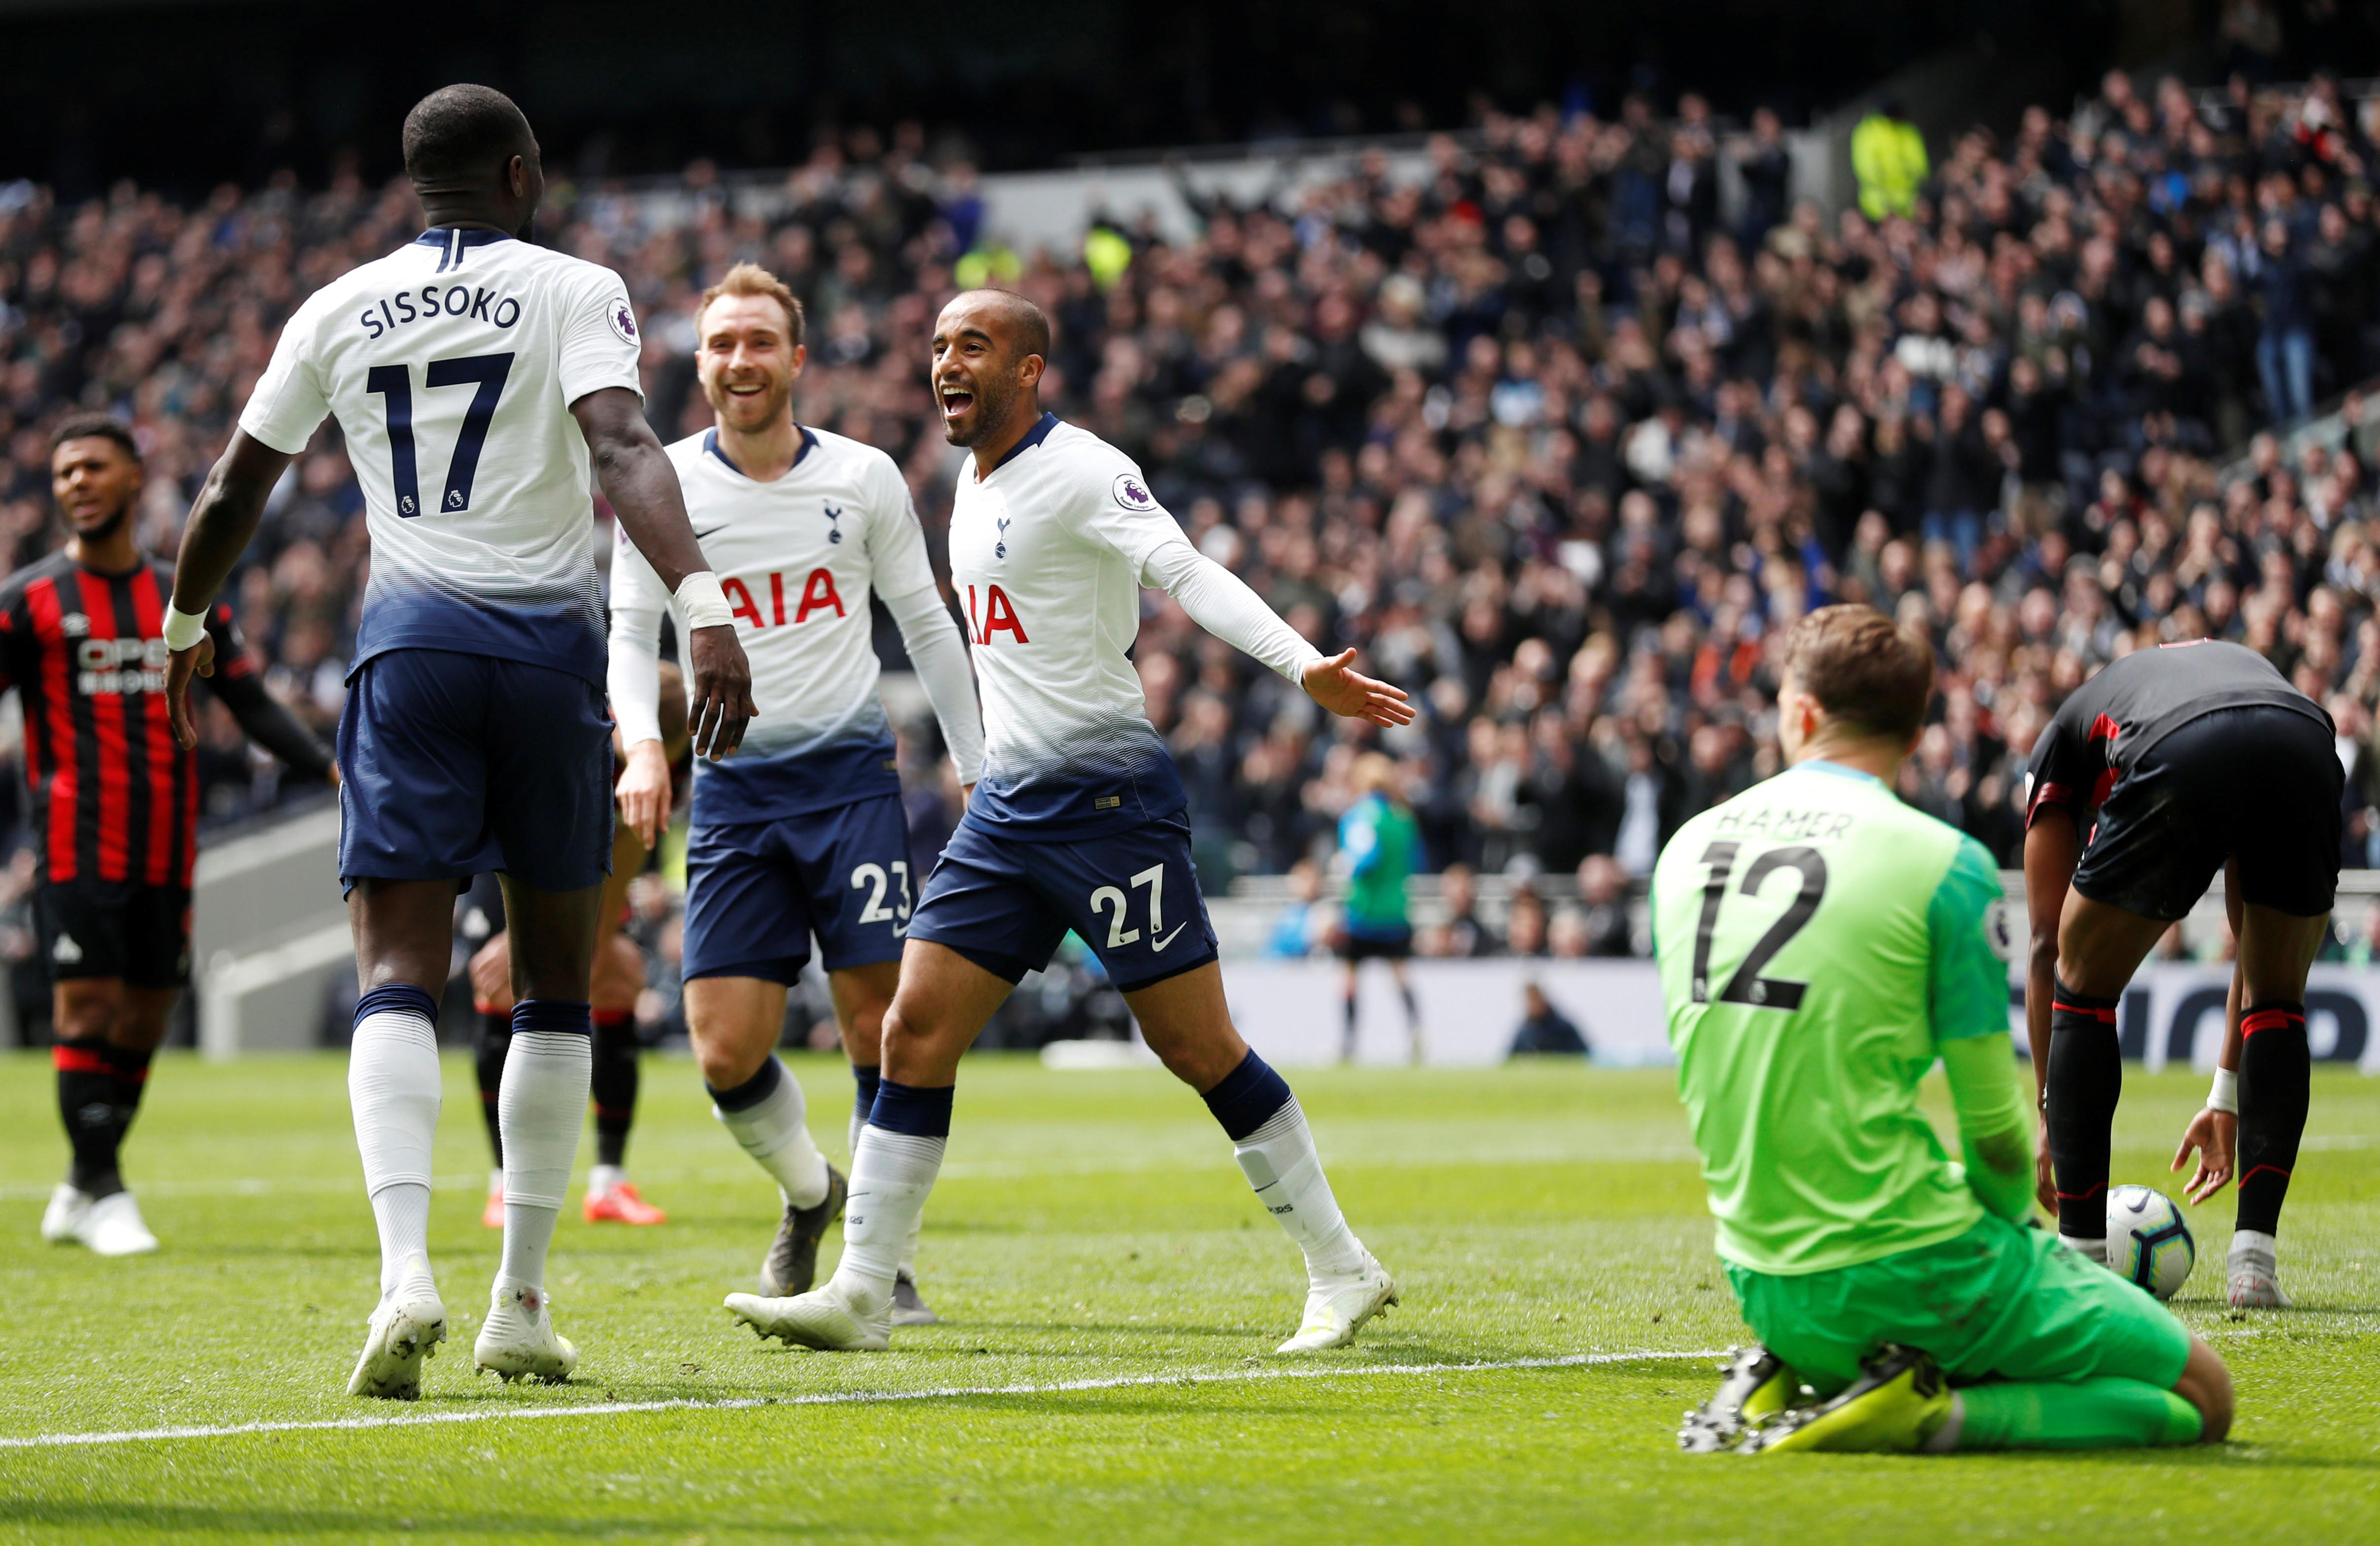 Tottenham tira 'City break' para dar um salto ao pódio